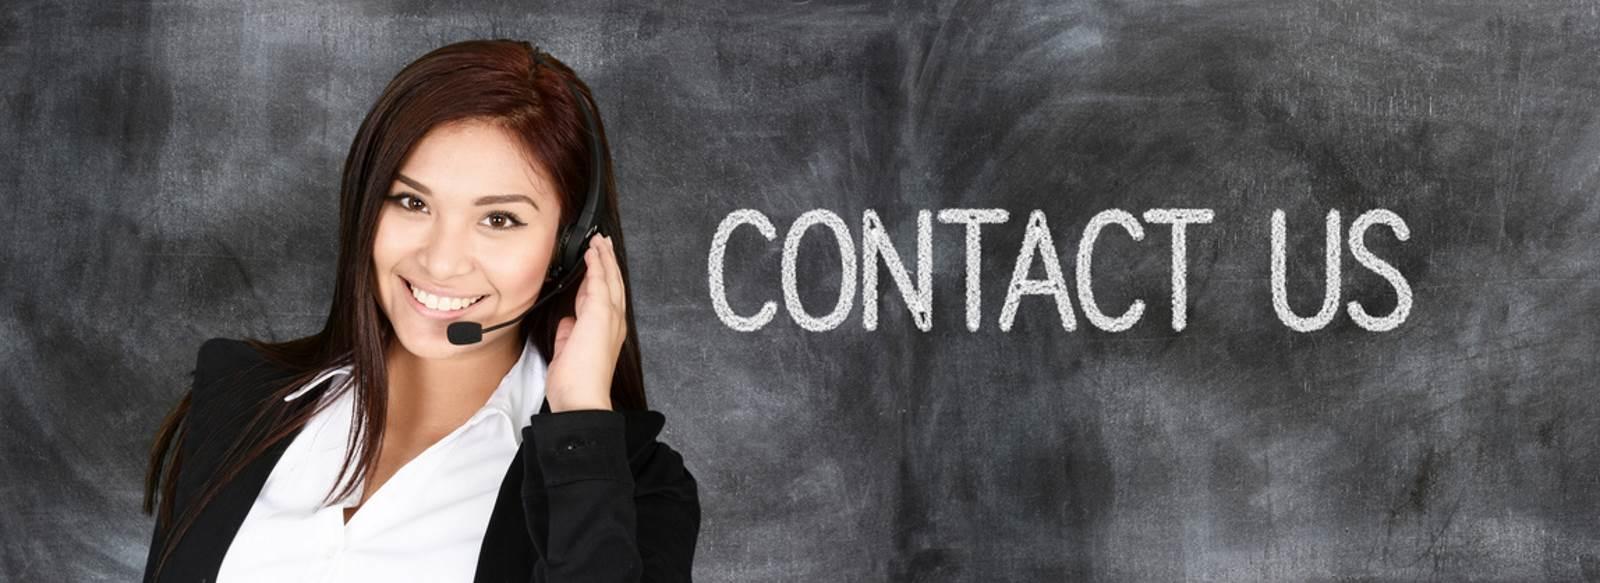 contact_abair.jpg - 104.49 kB